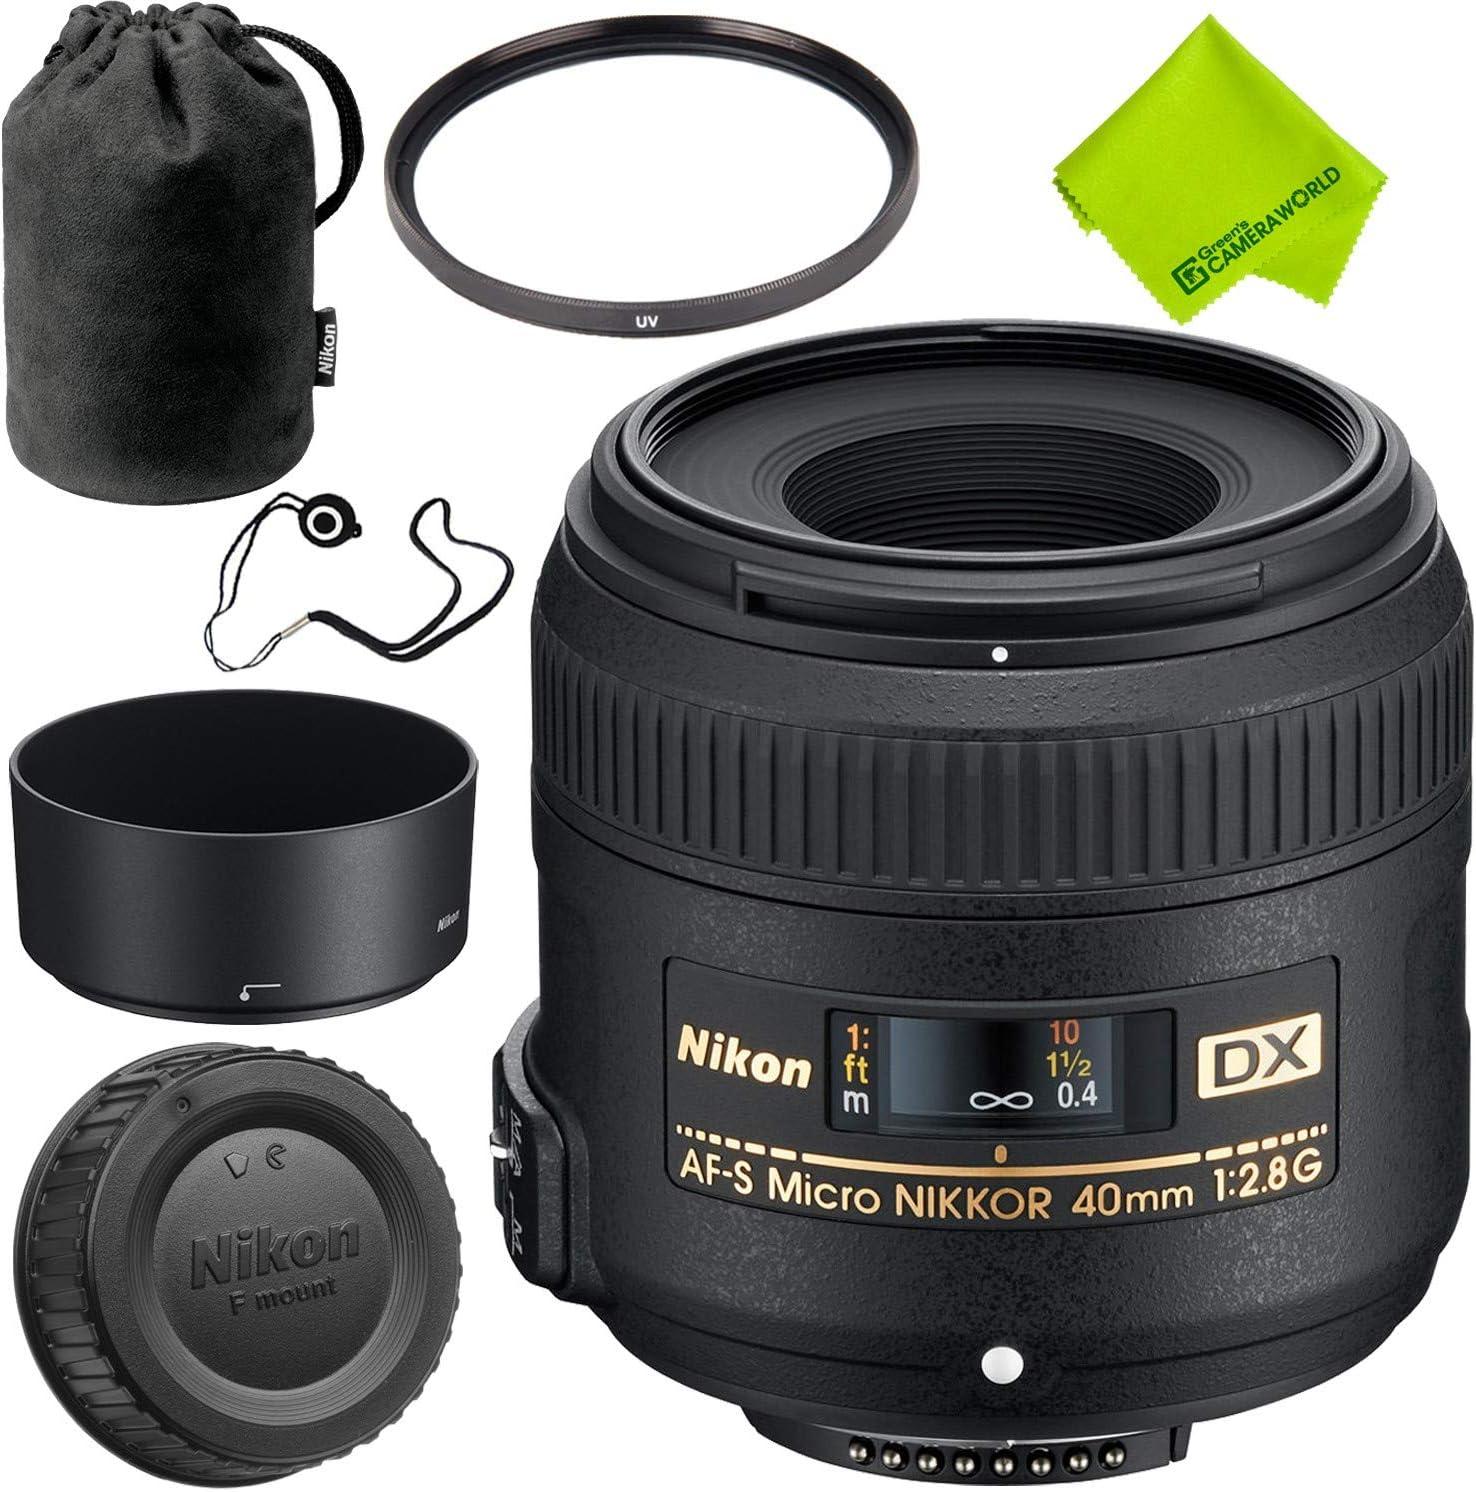 Nikon AF-S DX Micro-NIKKOR 40mm Japan Maker Mail order cheap New Bundle f Base Lens 2.8G